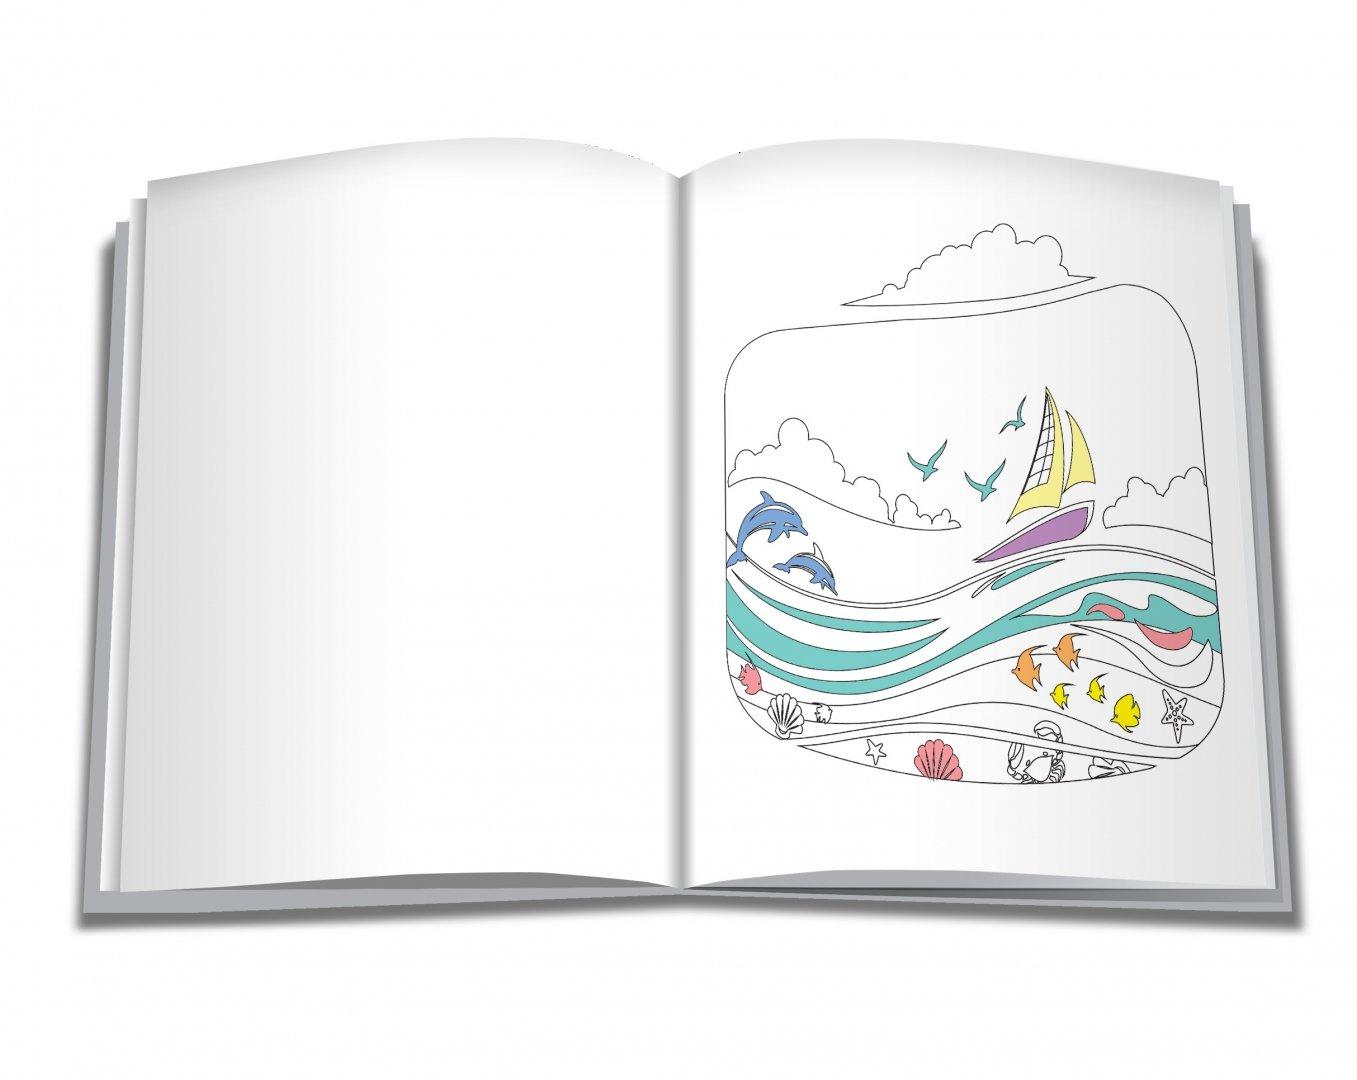 лицо дельфин картинка в книжке вам